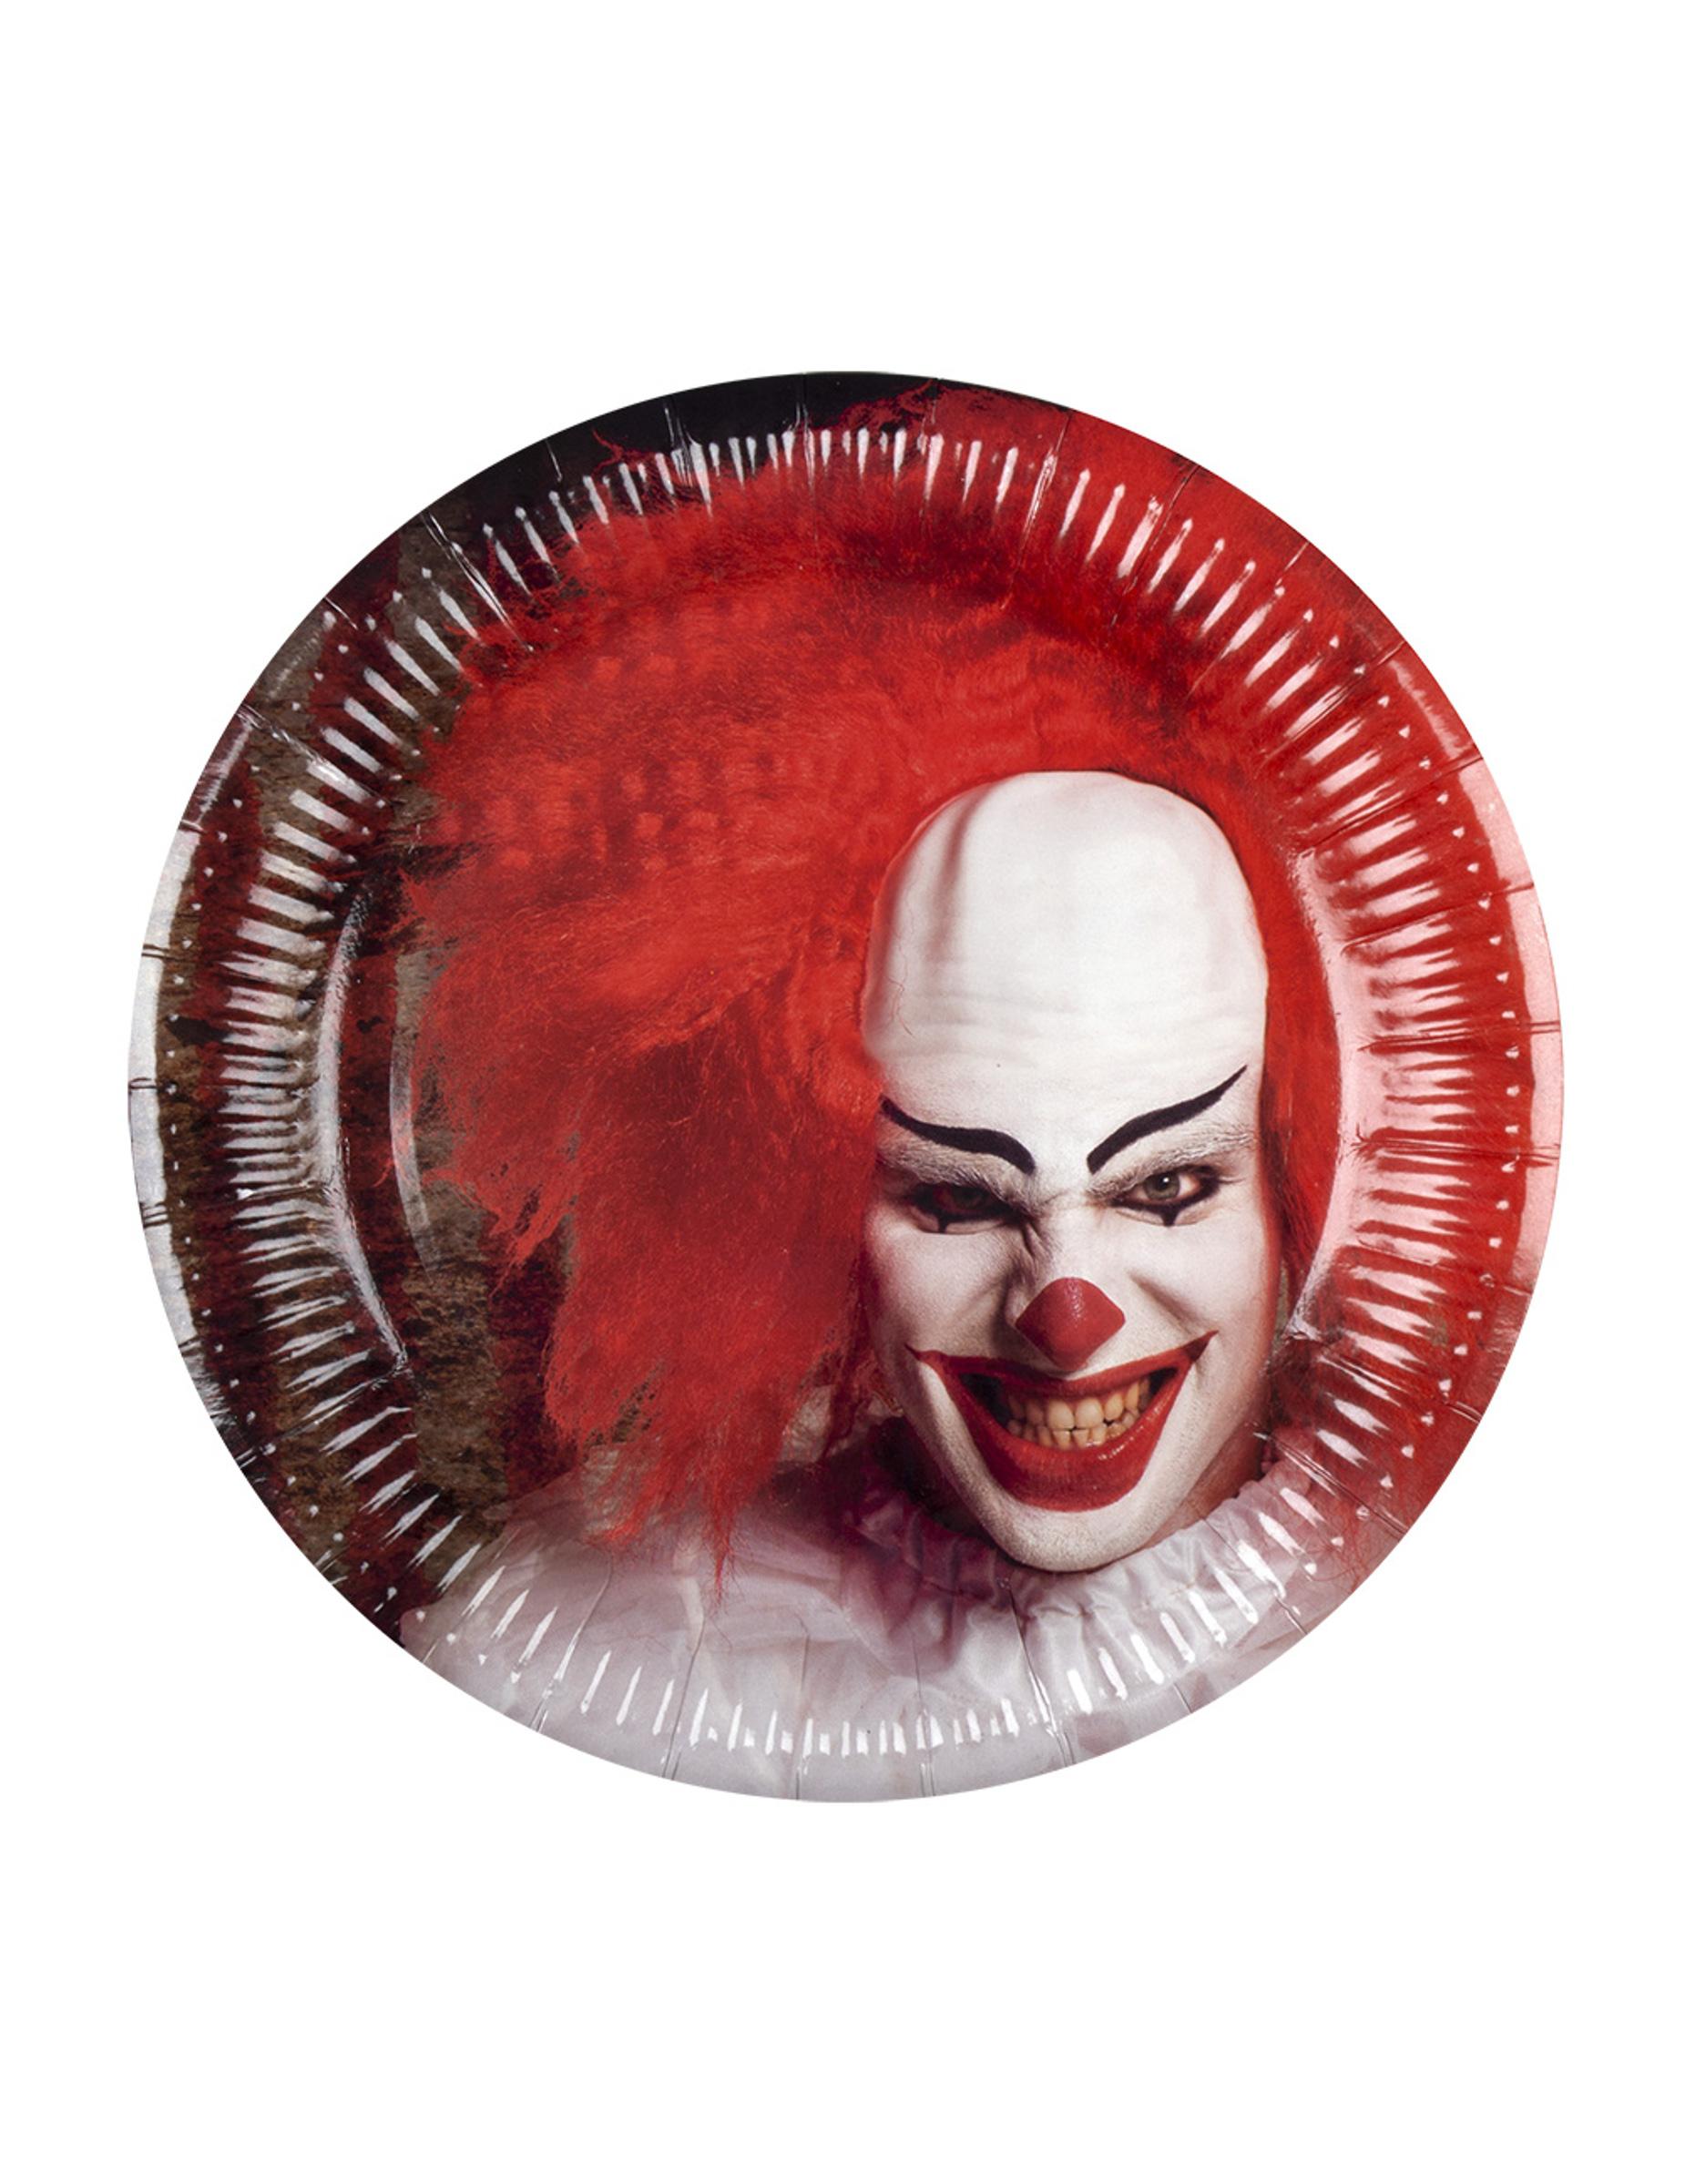 Horrorclown pappteller tischdekoration halloween 6 st ck - Tischdekoration halloween ...